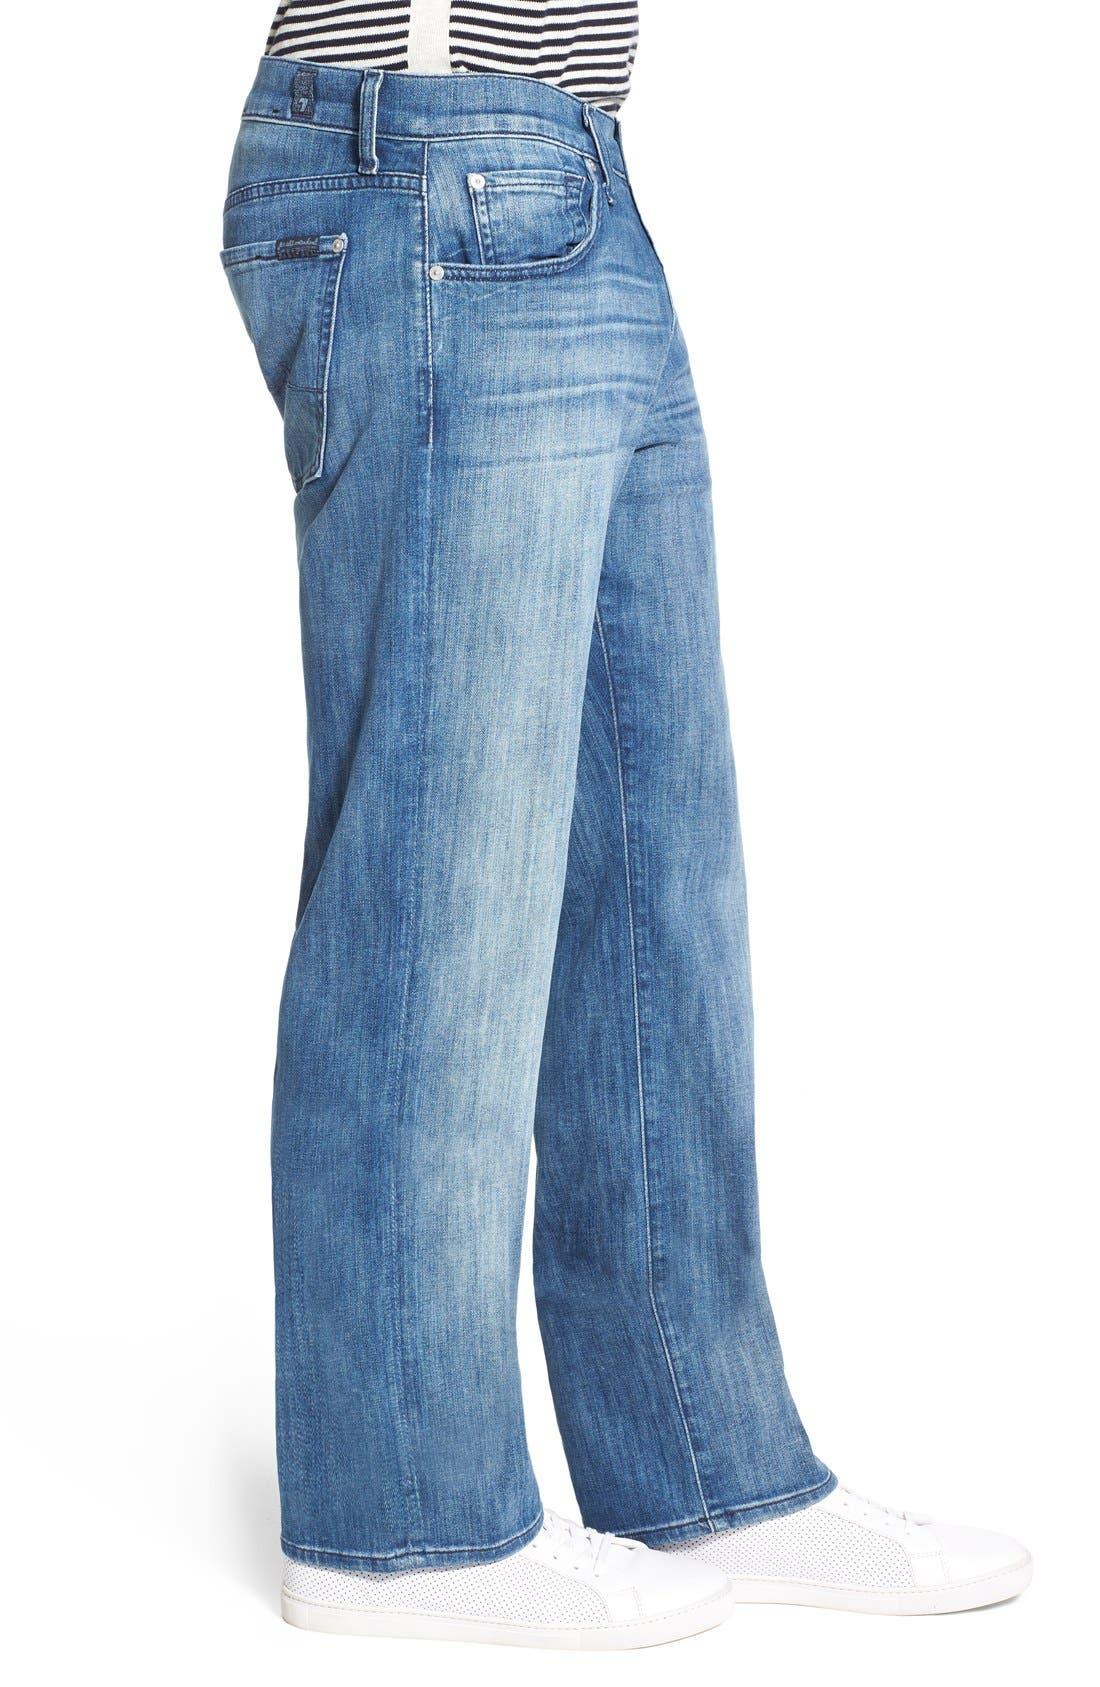 Alternate Image 3  - 7 For All Mankind® Austyn Relaxed Straight Leg Jeans (Nakkitta Blue)